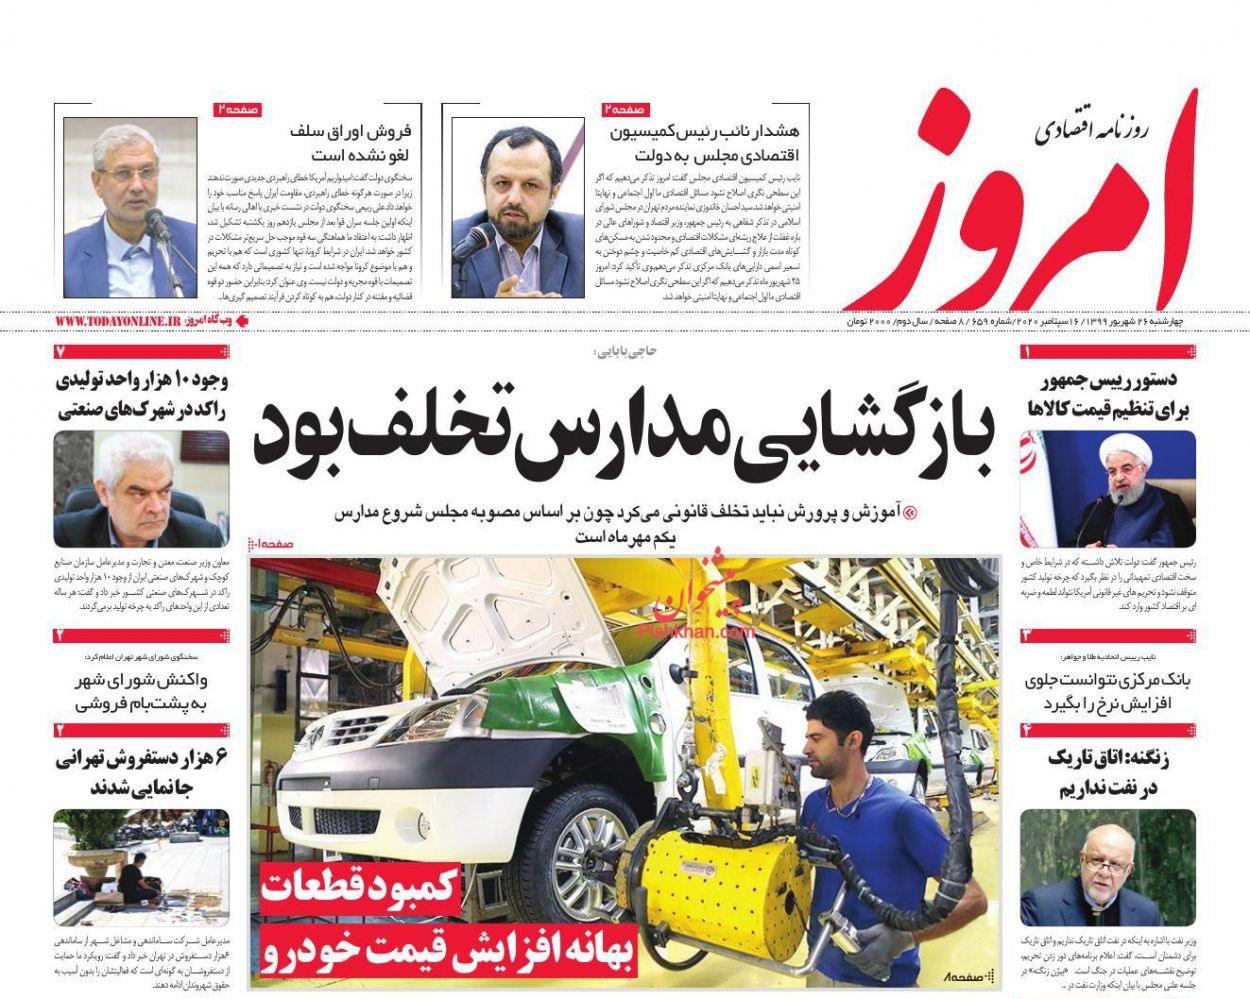 عناوین اخبار روزنامه امروز در روز چهارشنبه ۲۶ شهريور